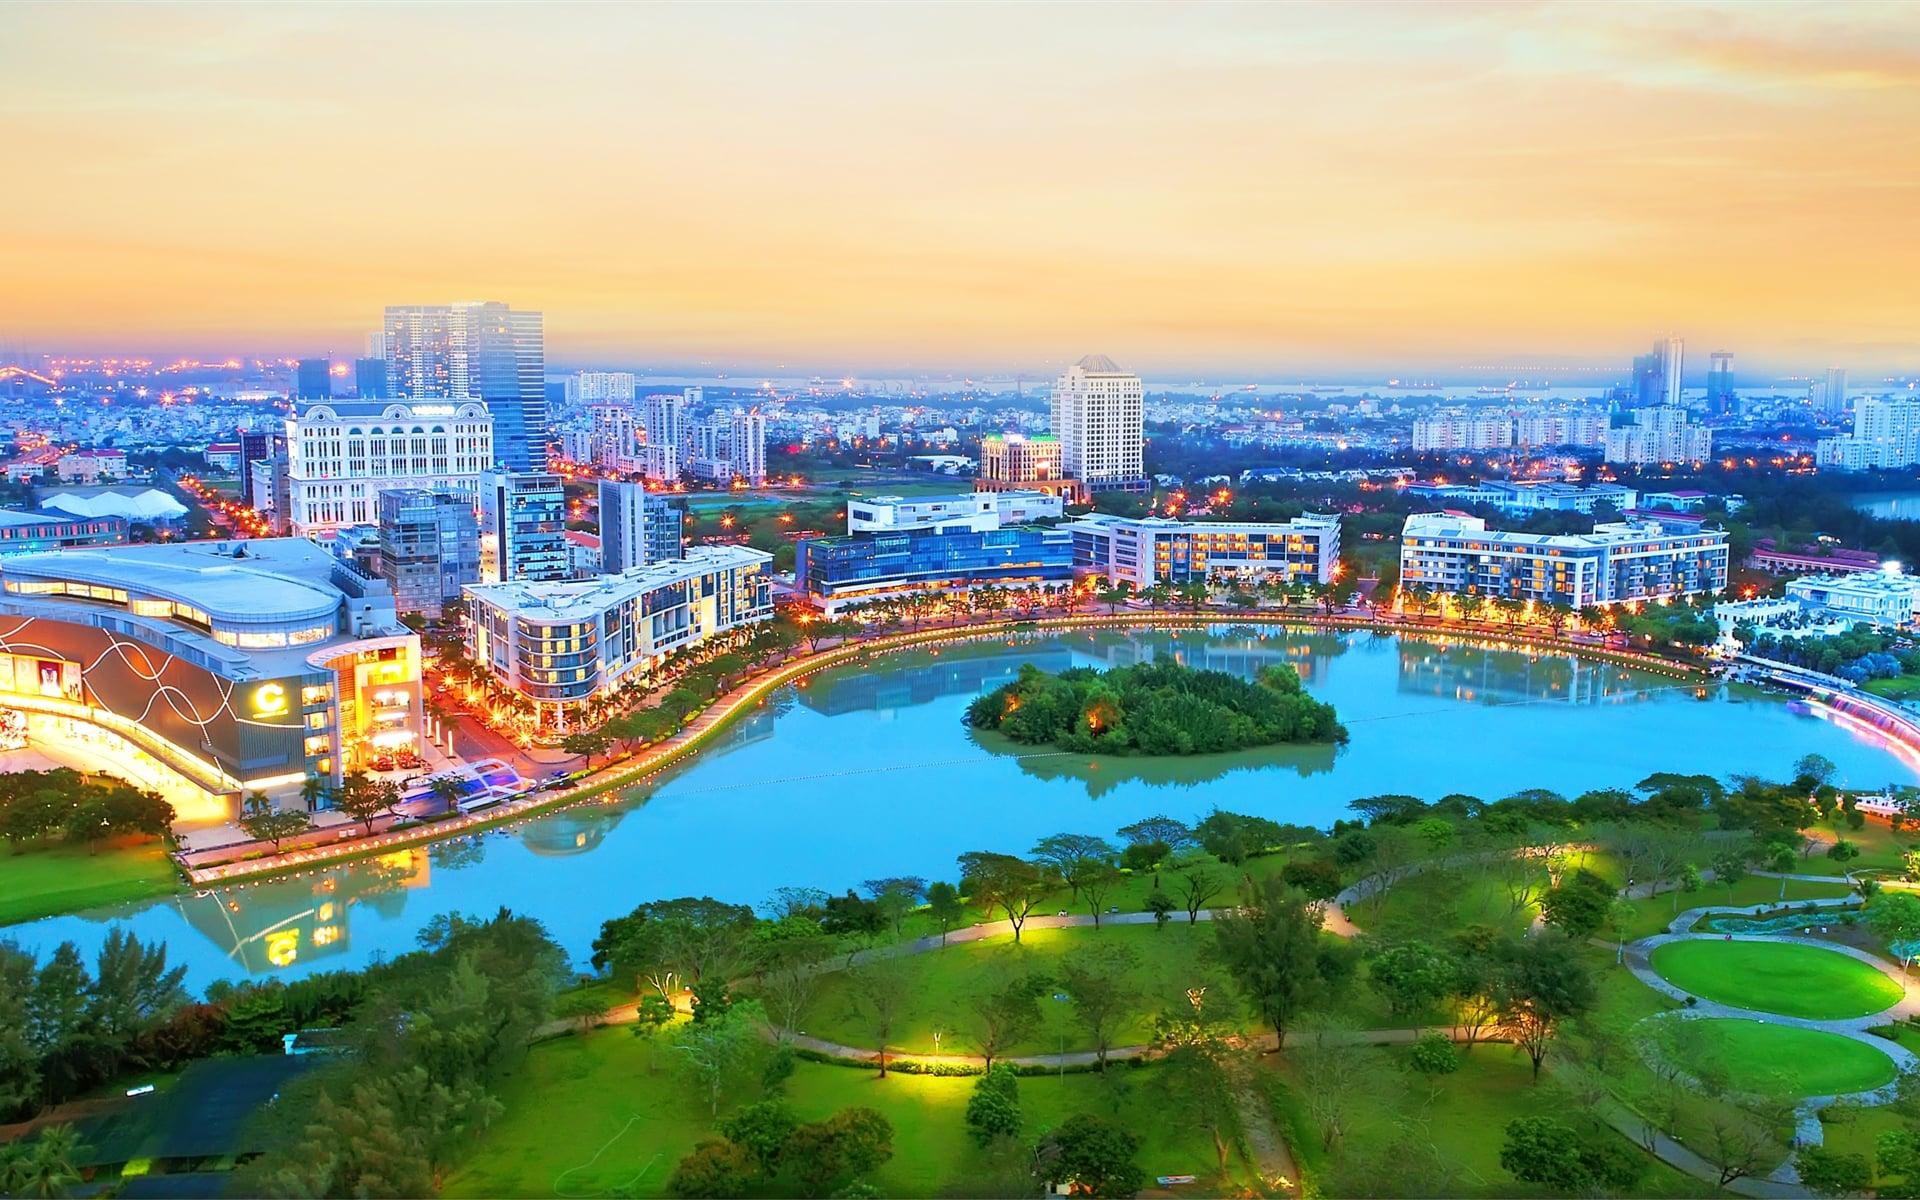 Tiện ích khu đô thị Phú Mỹ Hưng